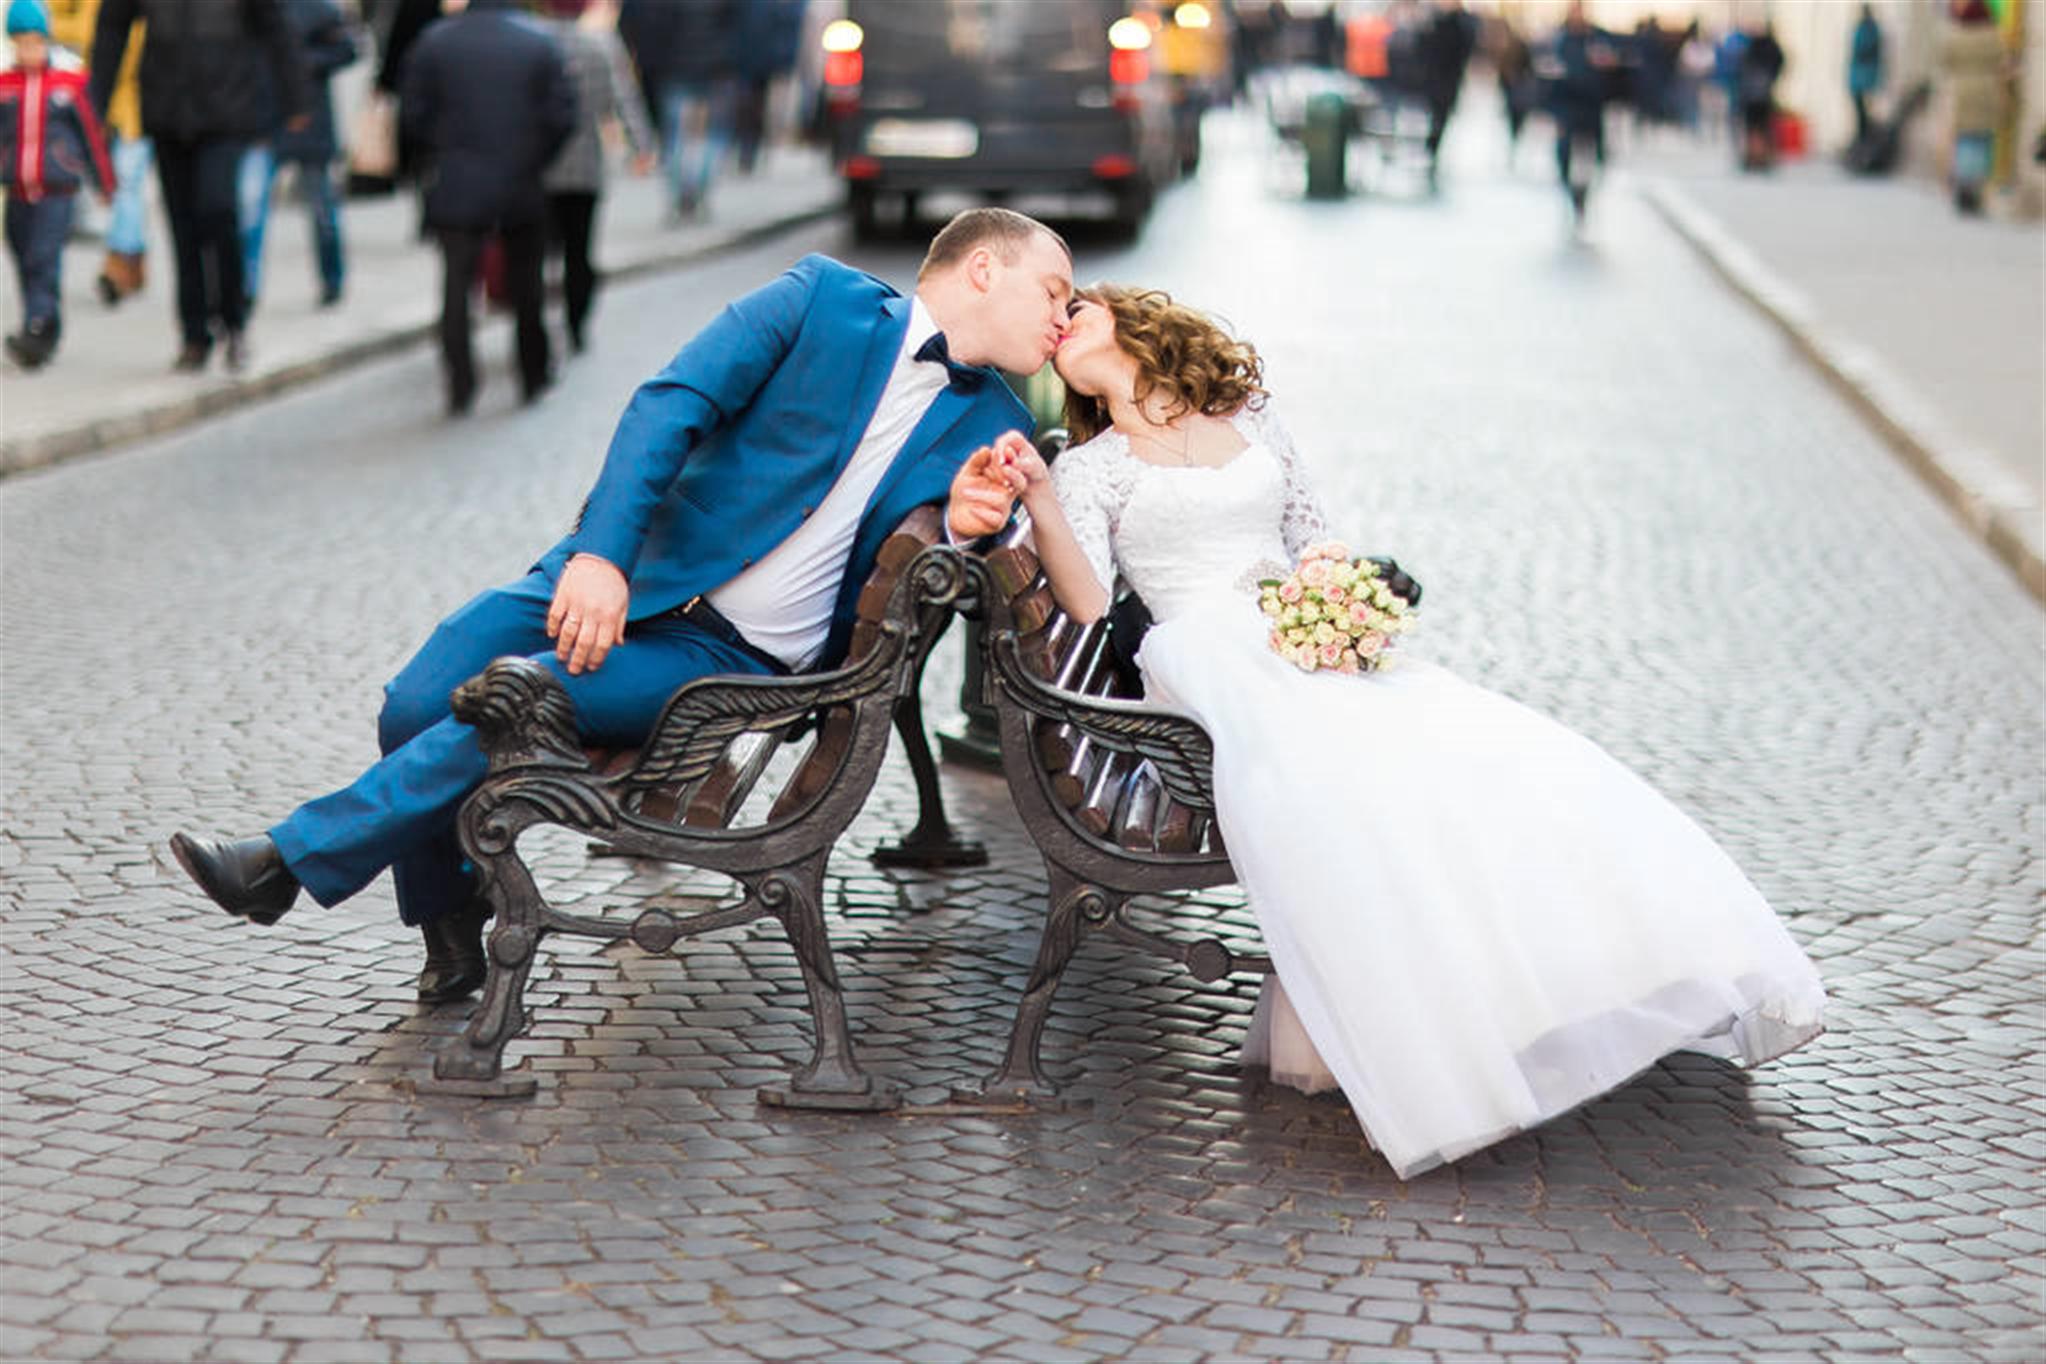 八字合婚怎么看两人合不合适夫妻缘分怎么看